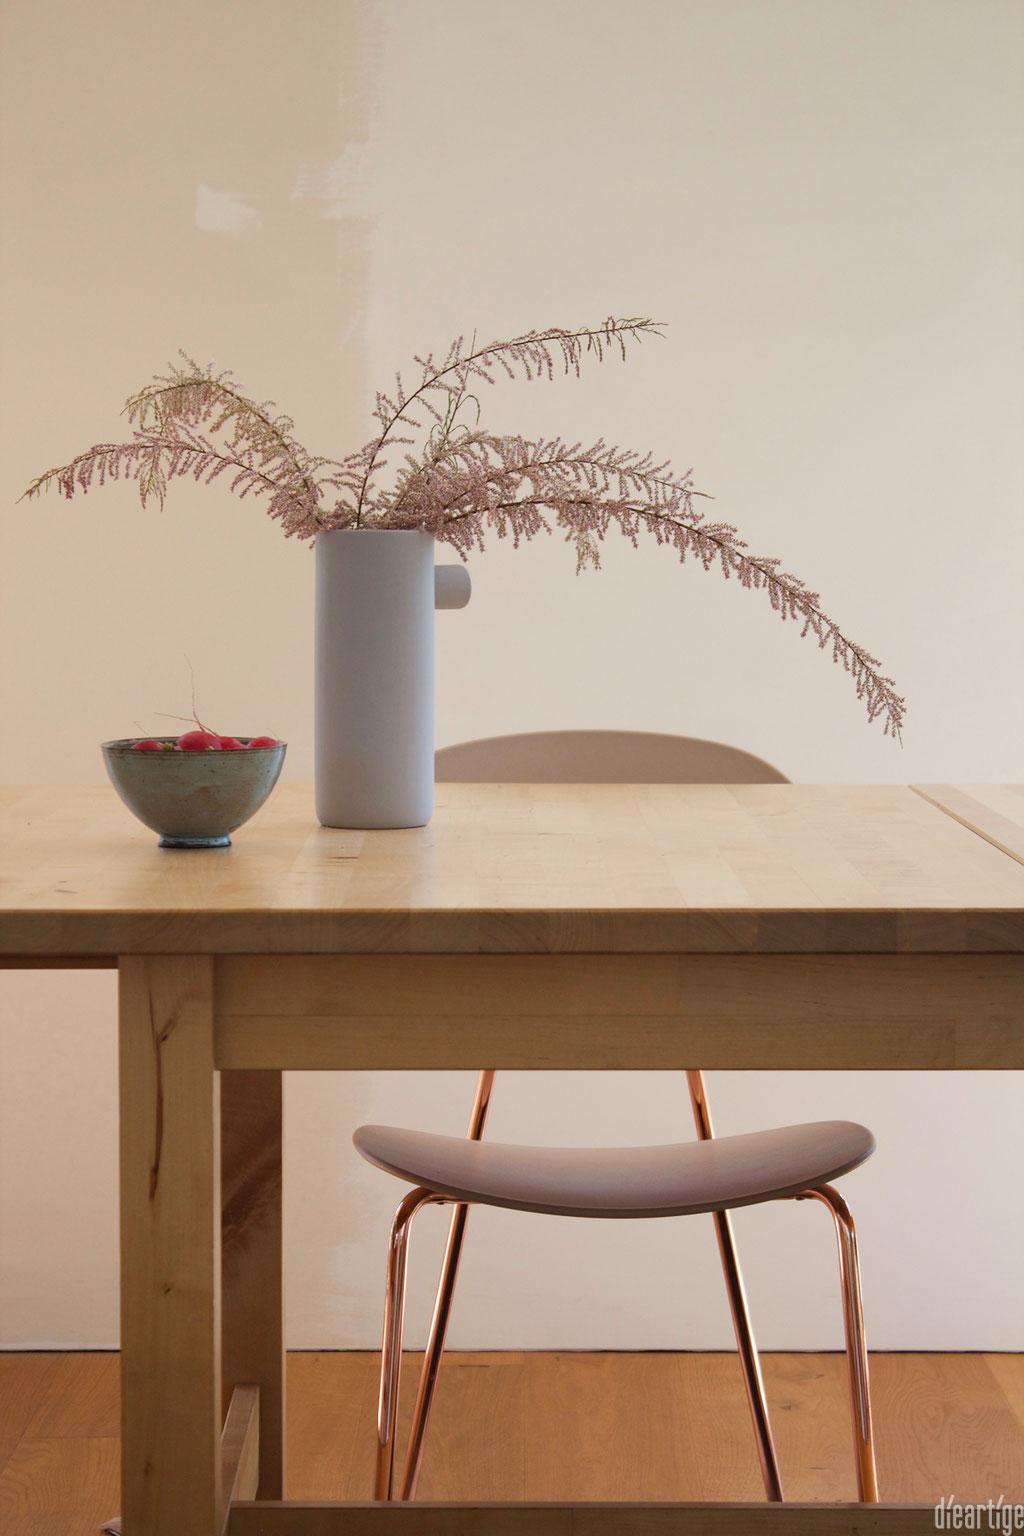 dieartigeBLOG - Tamariske im Keramikkrug auf dem Esstisch + Radieschen